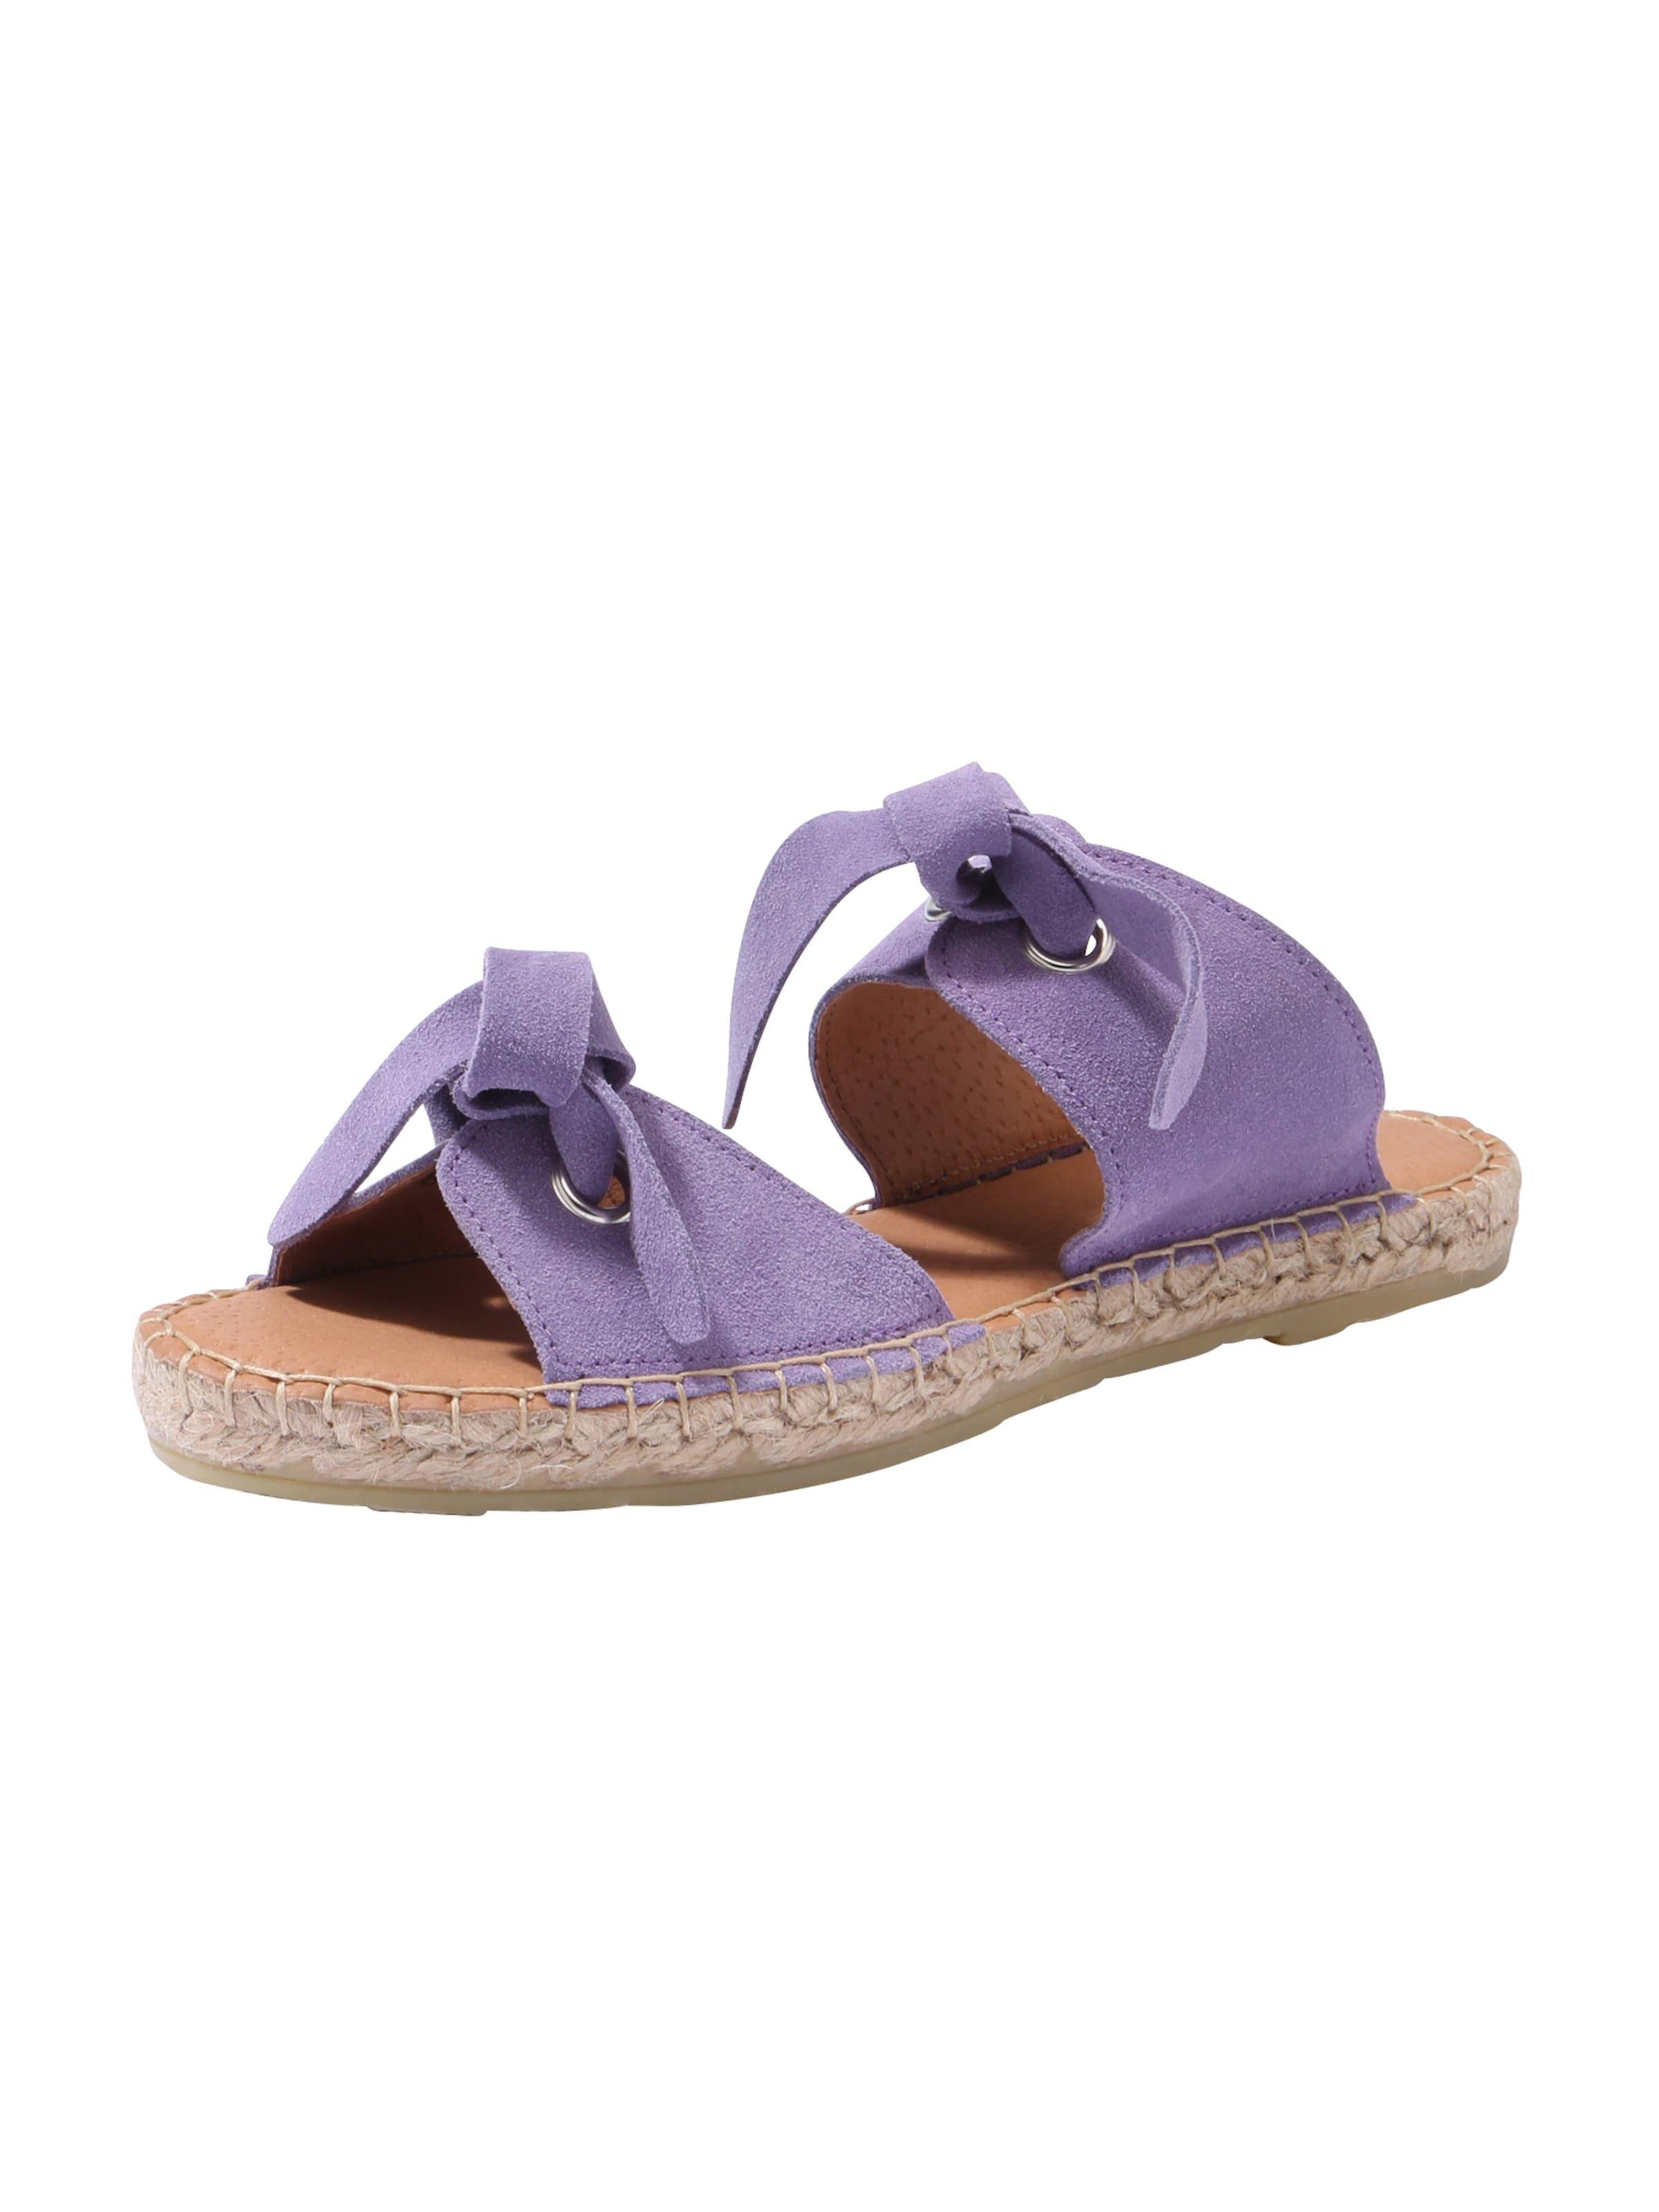 ABOUT YOU Espadrillen-Sandalette LOTTE Verschleißfeste billige Schuhe